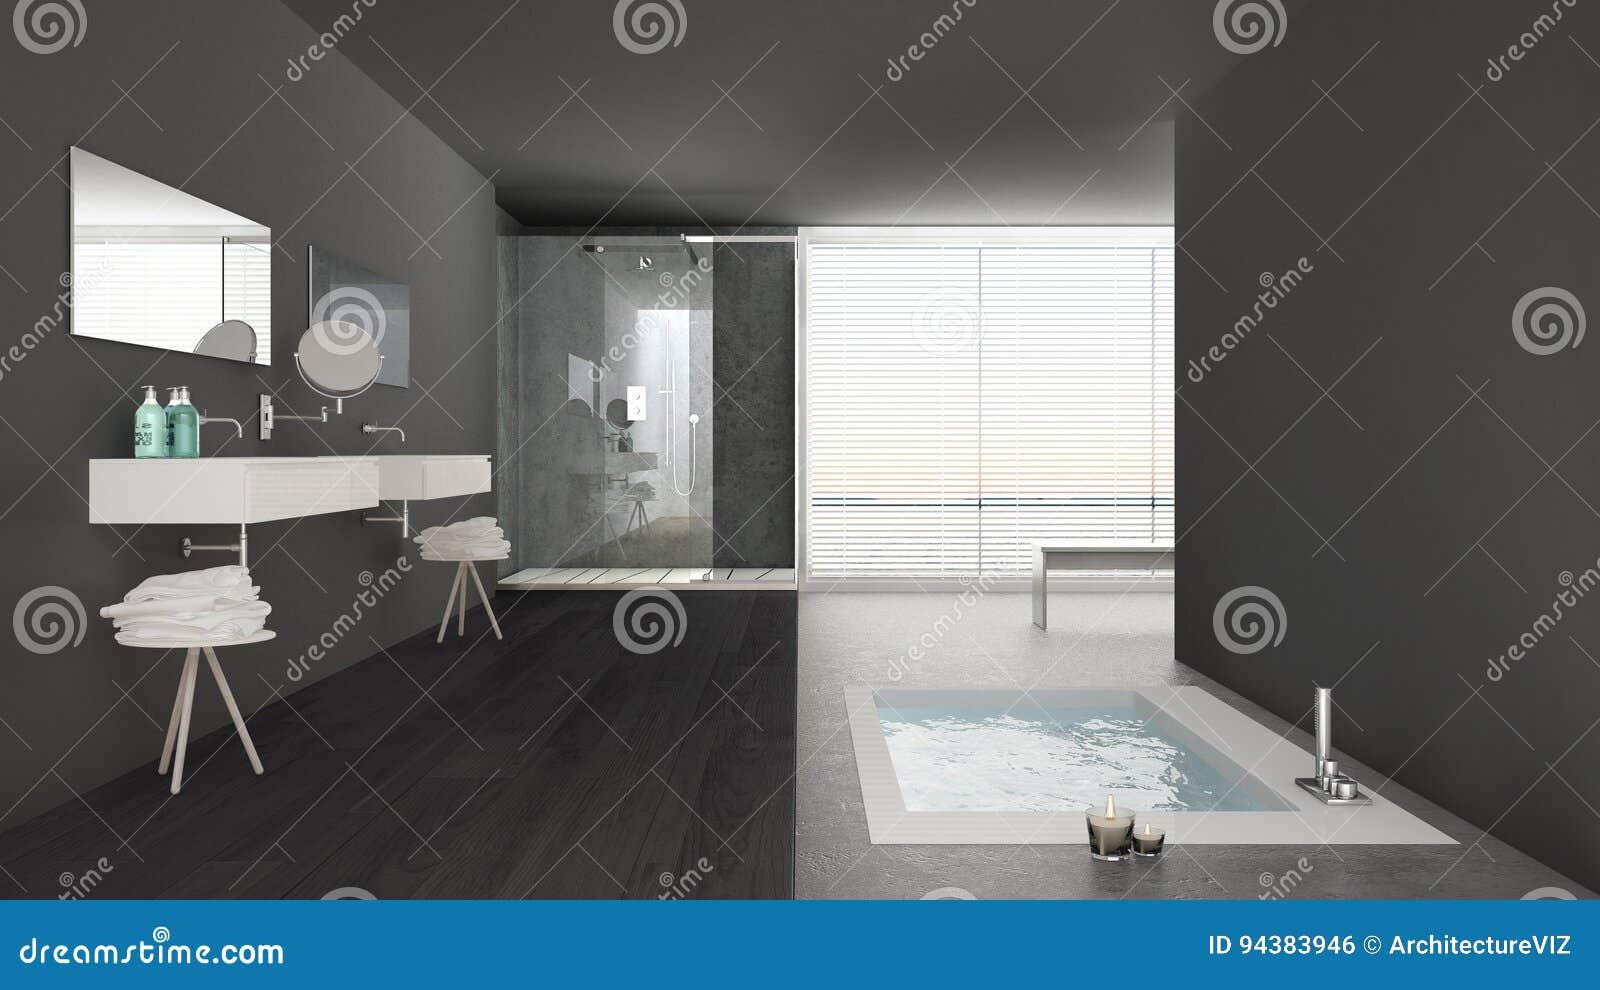 Bagno Minimal Bianco Rivestimento Nero Interior Design : Bagni neri moderni foto di progetti design t